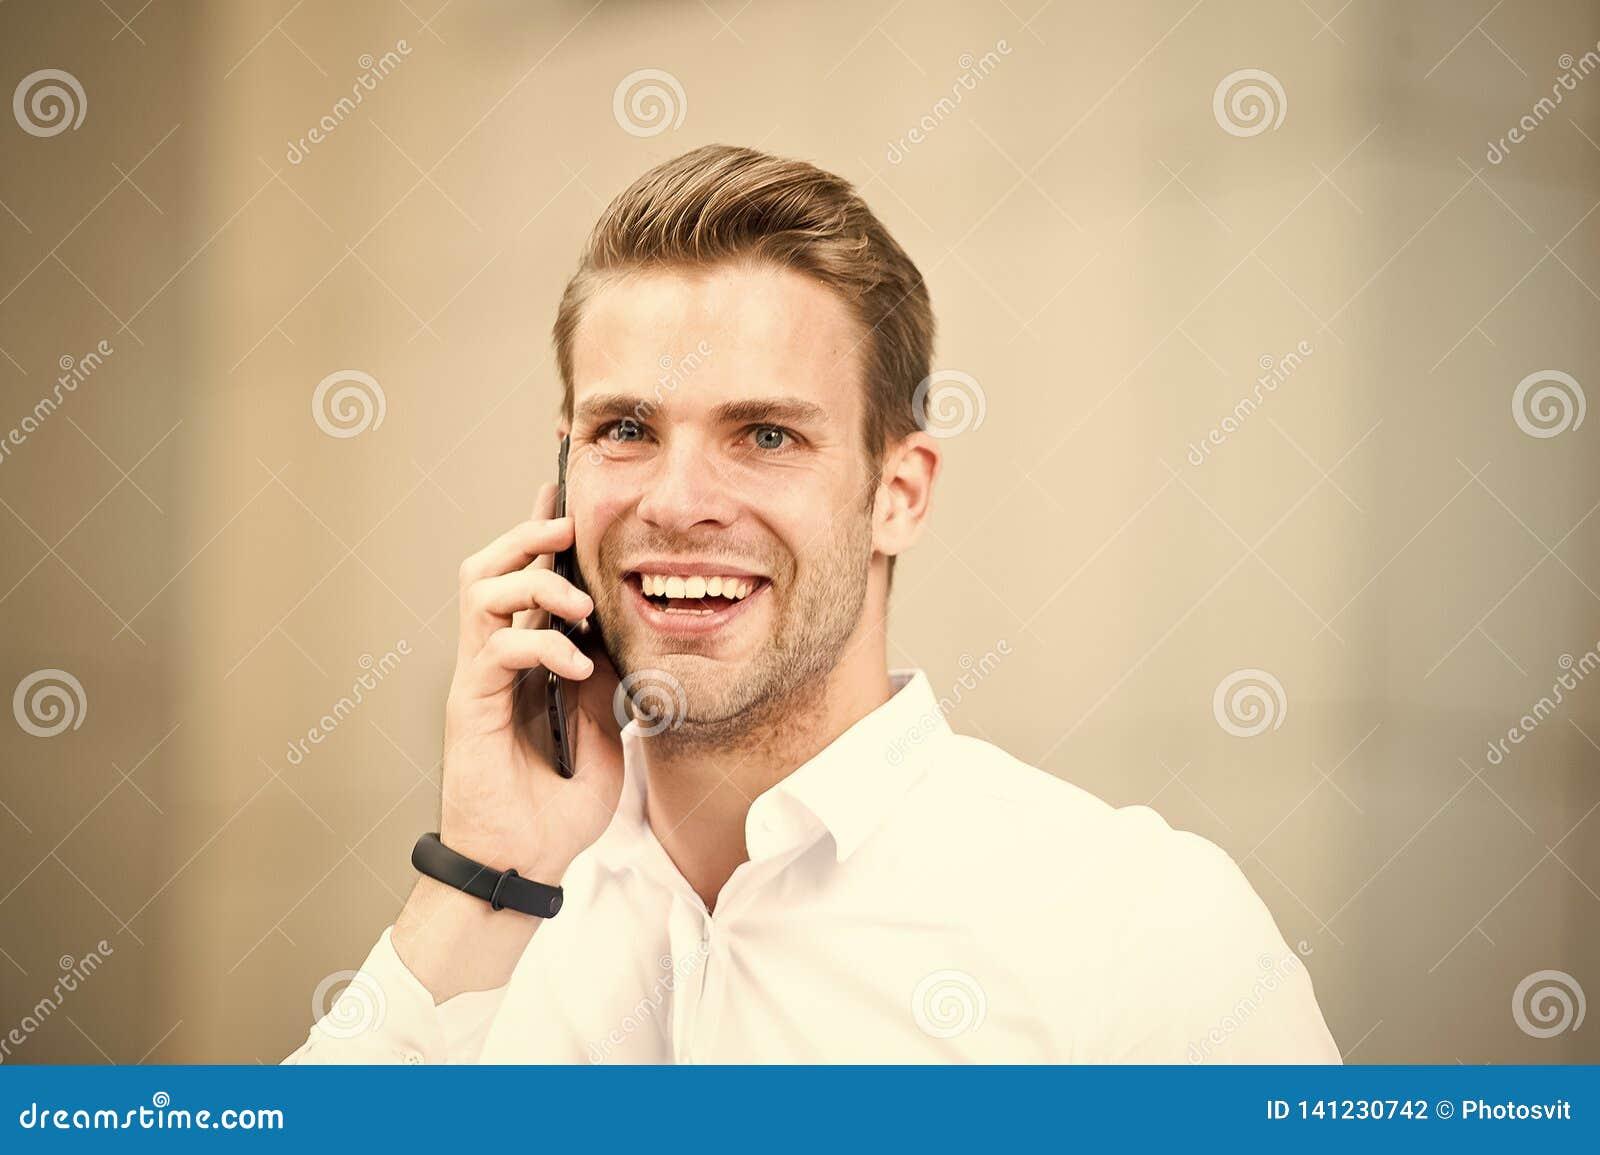 Heureux de vous entendre Passez peu de minutes avant appel pour se recueillir Astuces réussies de conversations téléphoniques Suc